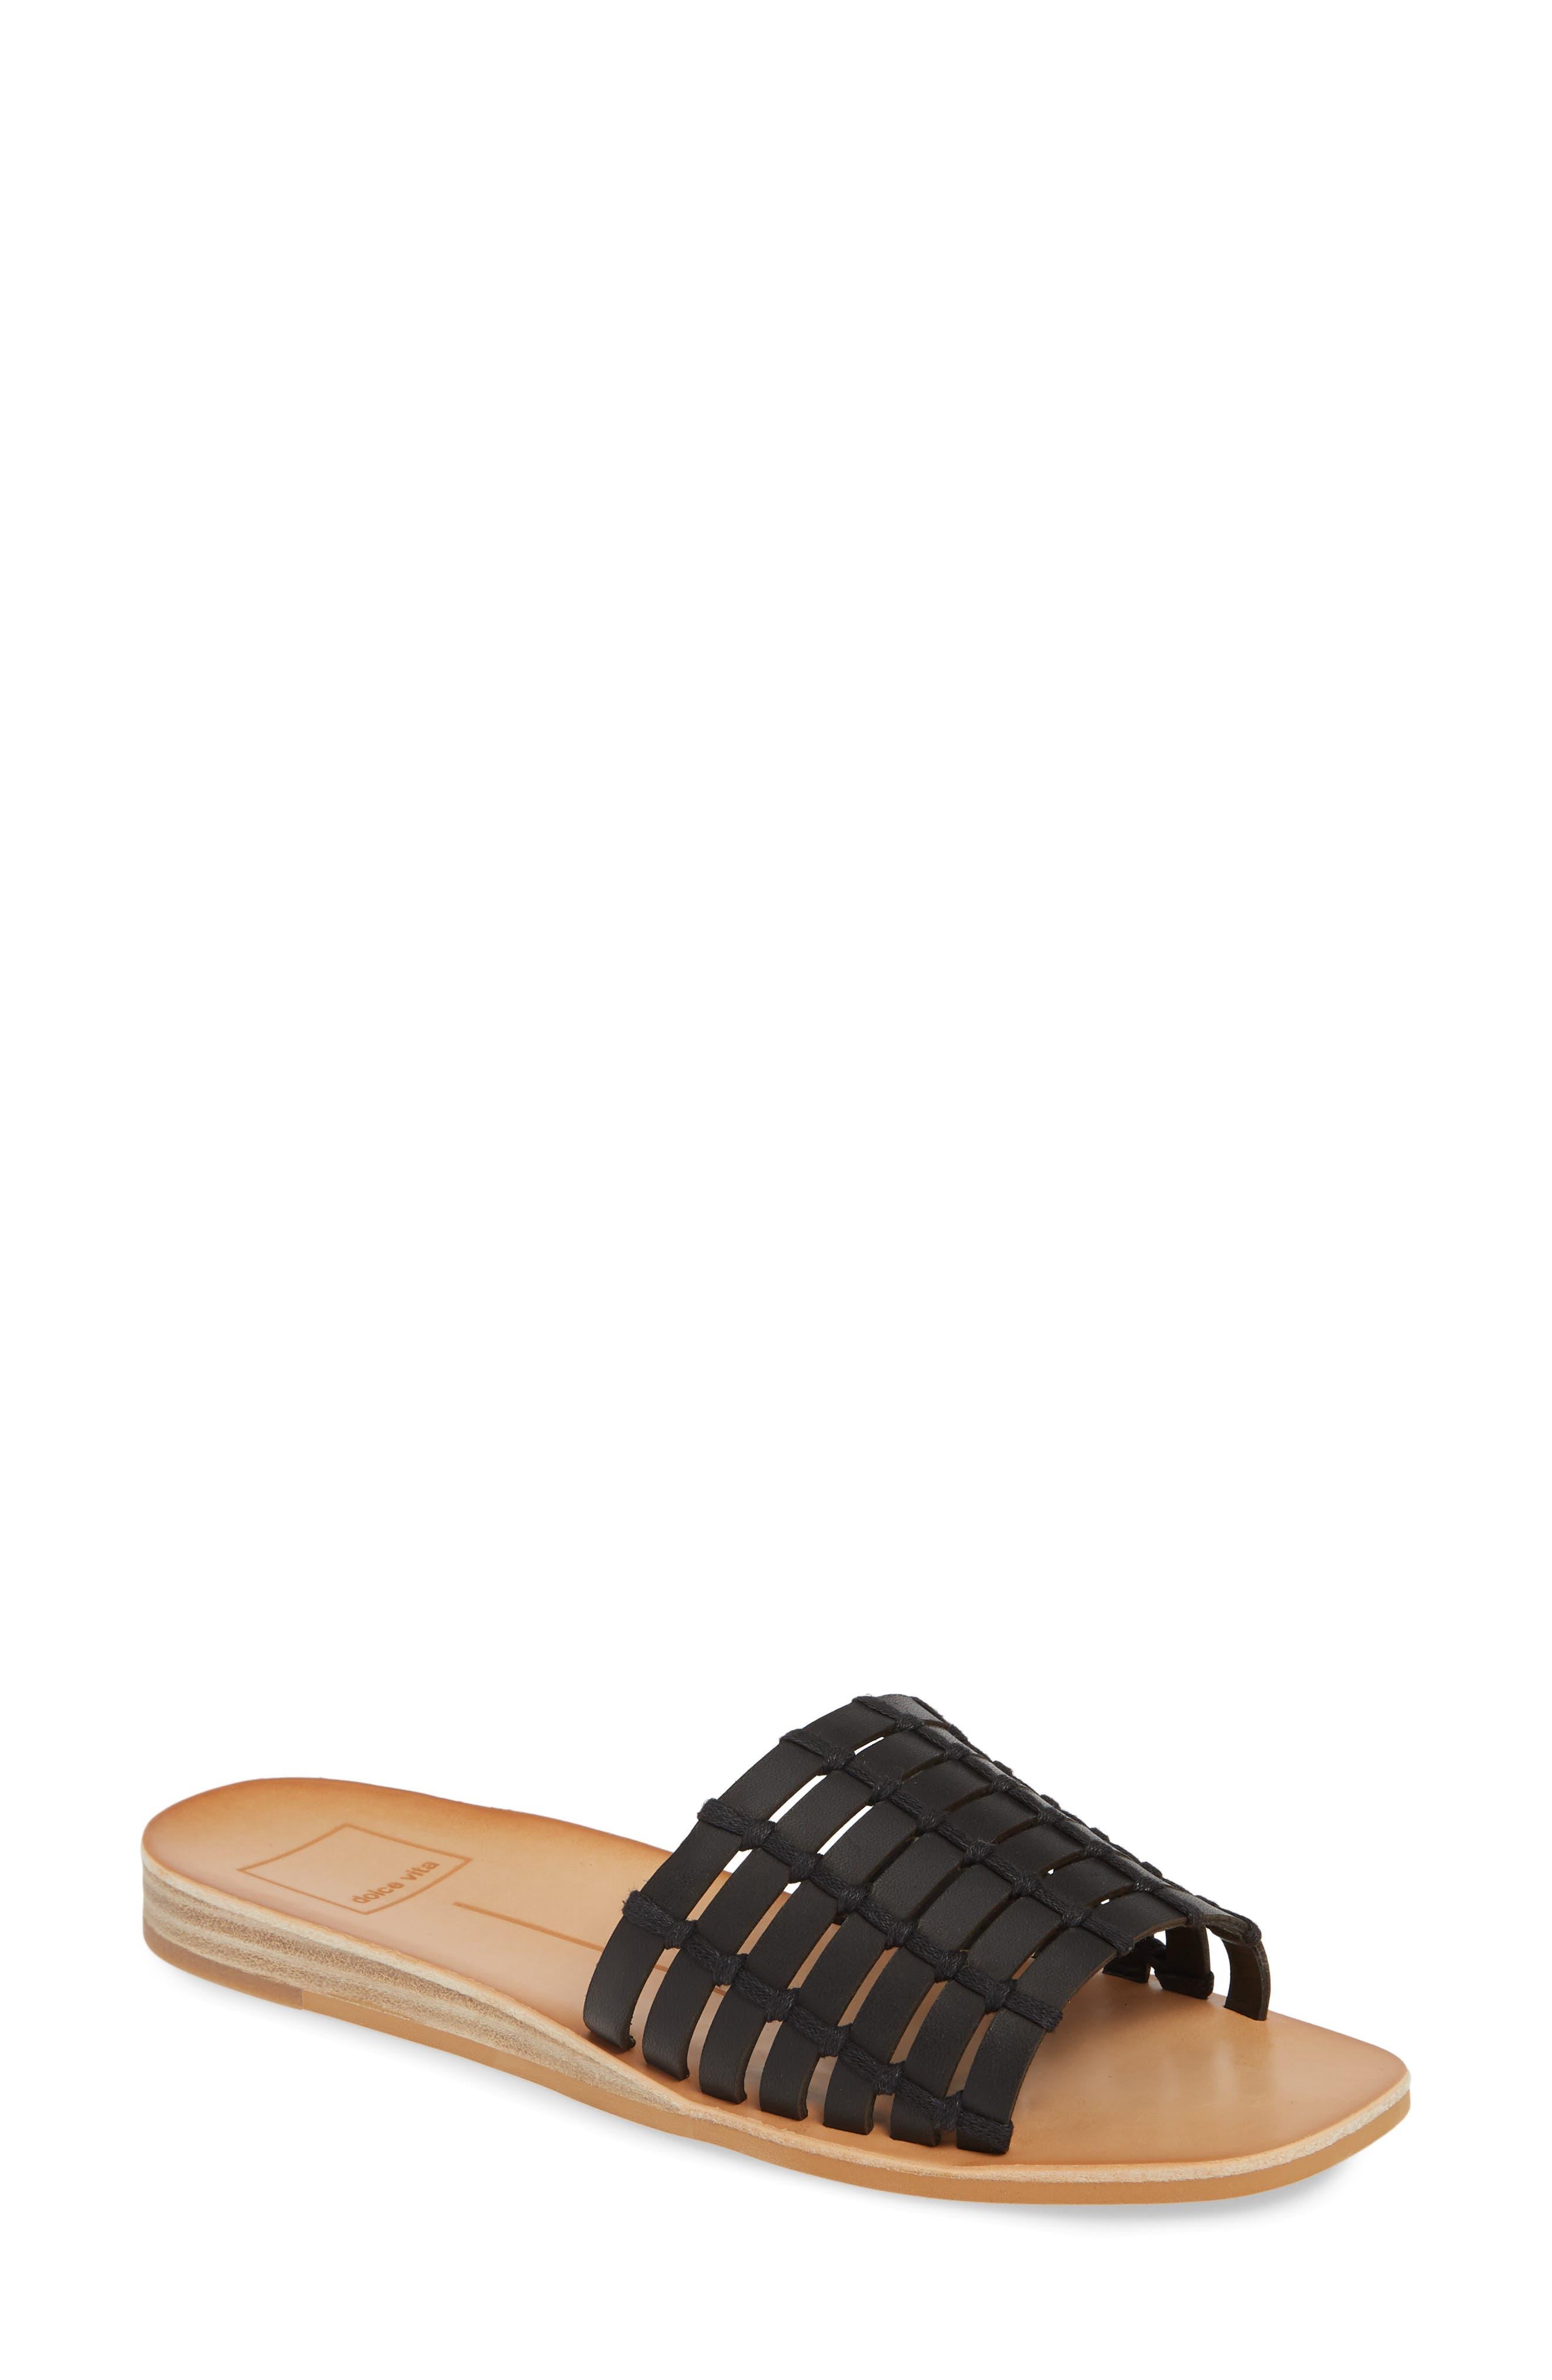 DOLCE VITA Colsen Slide Sandal, Main, color, BLACK LEATHER